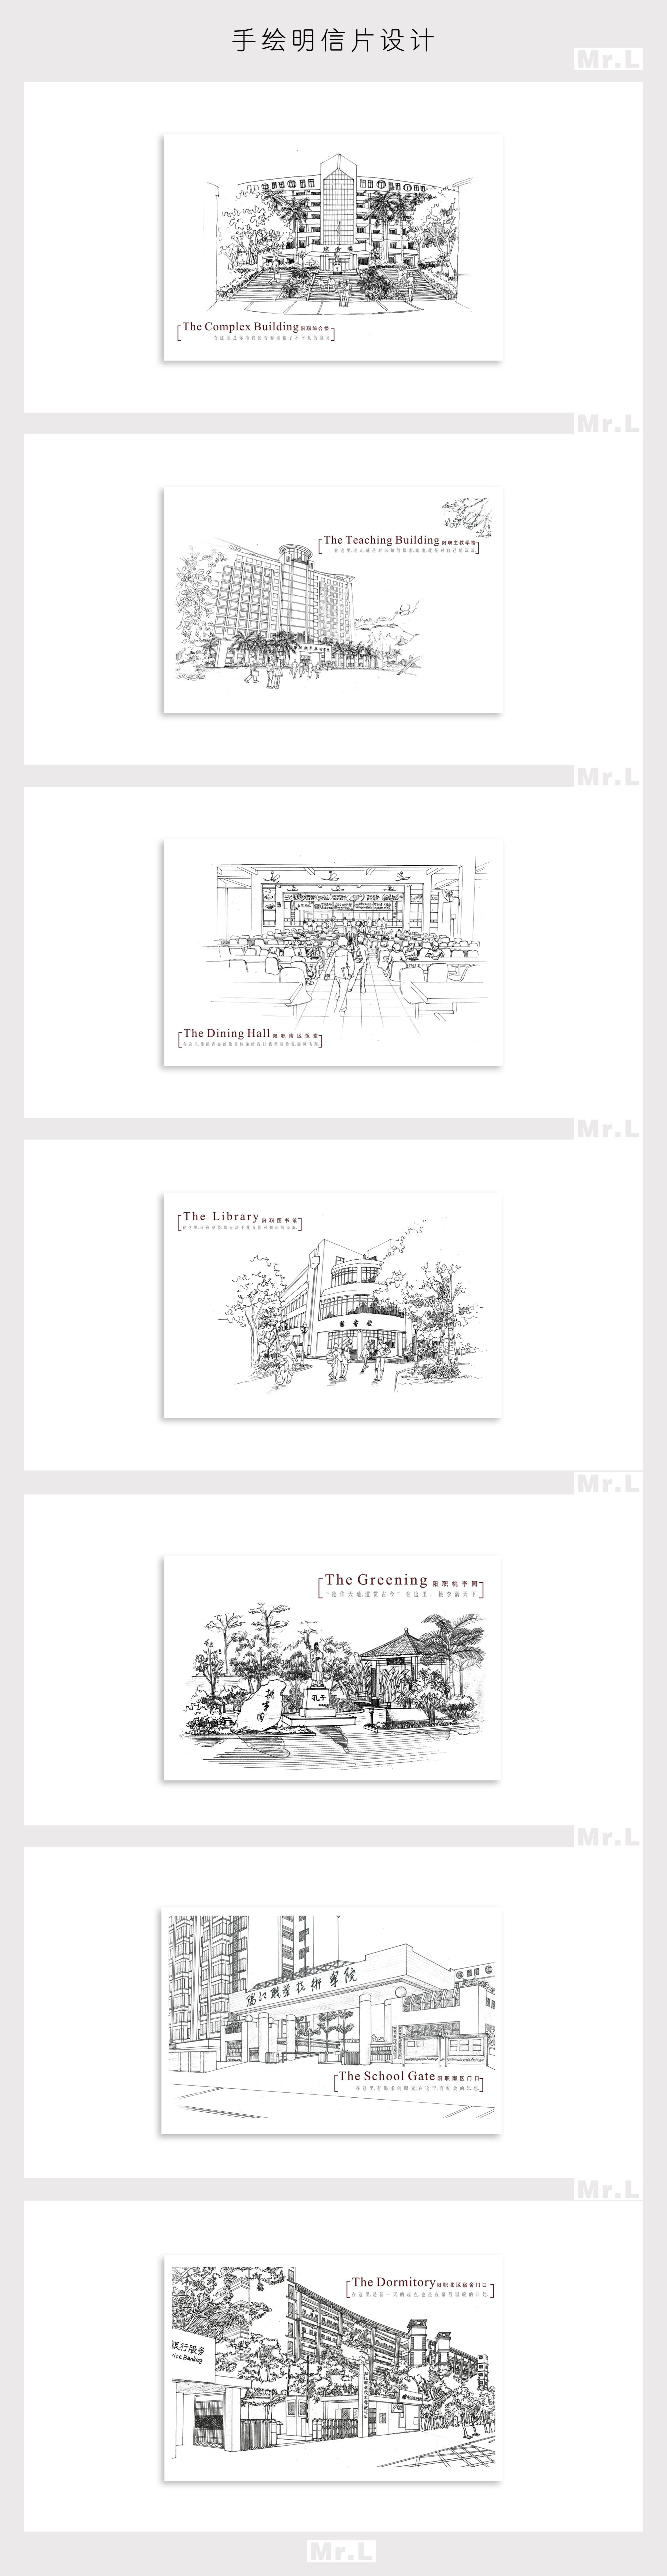 校园手绘明信片|平面|其他平面|sam林 - 原创作品